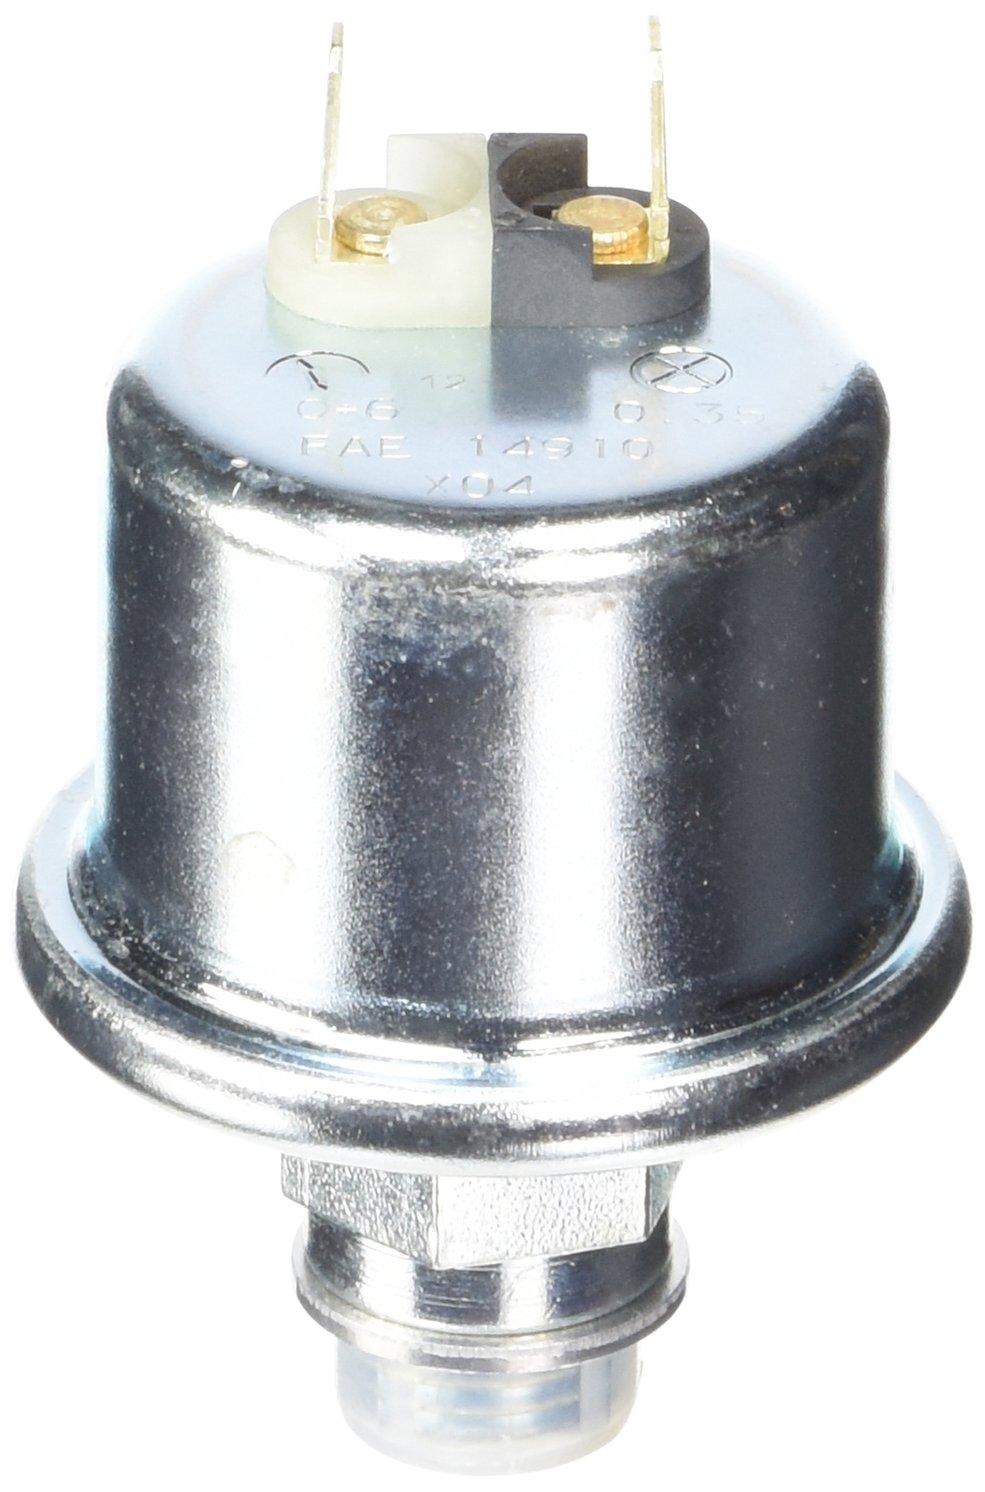 FAE 14910 - Sensore, Pressione Olio Francisco Albero S.A.